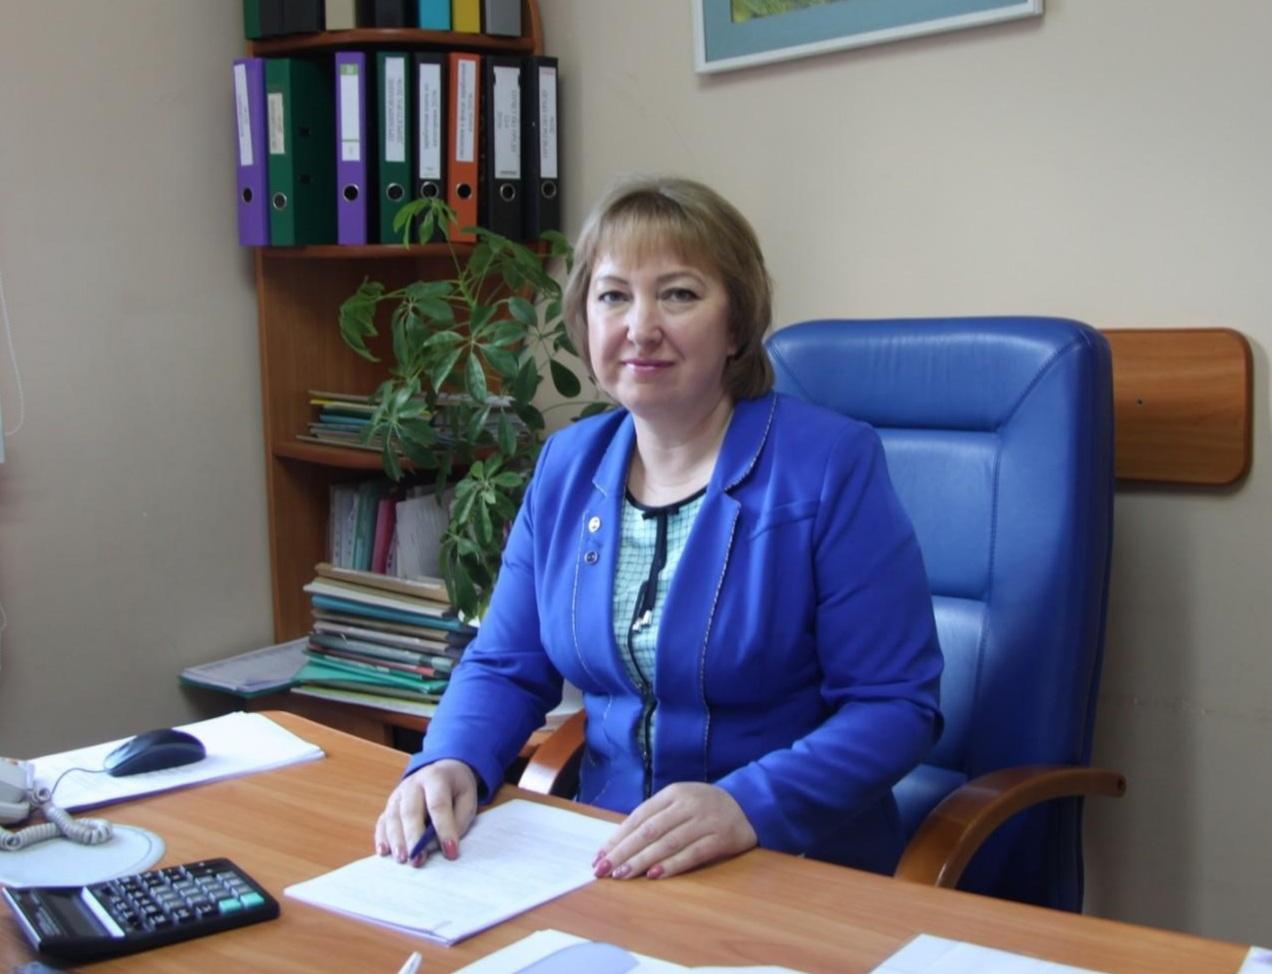 Nina Kuschnarenko